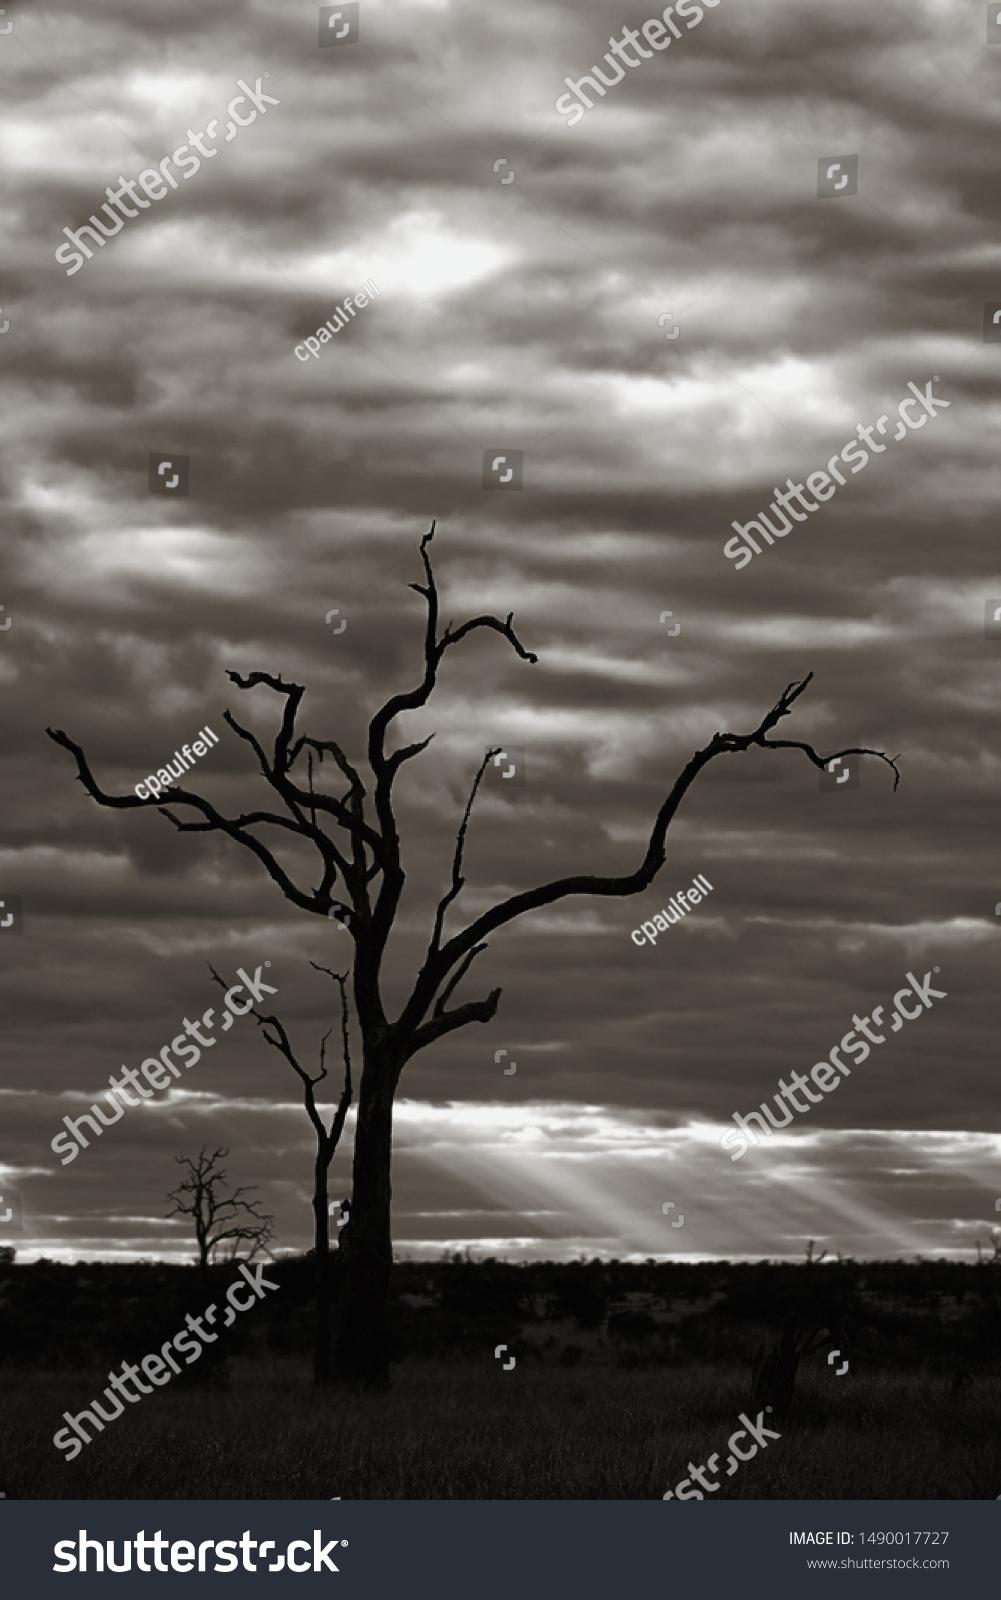 stock-photo-dead-tree-landscape-backgrou